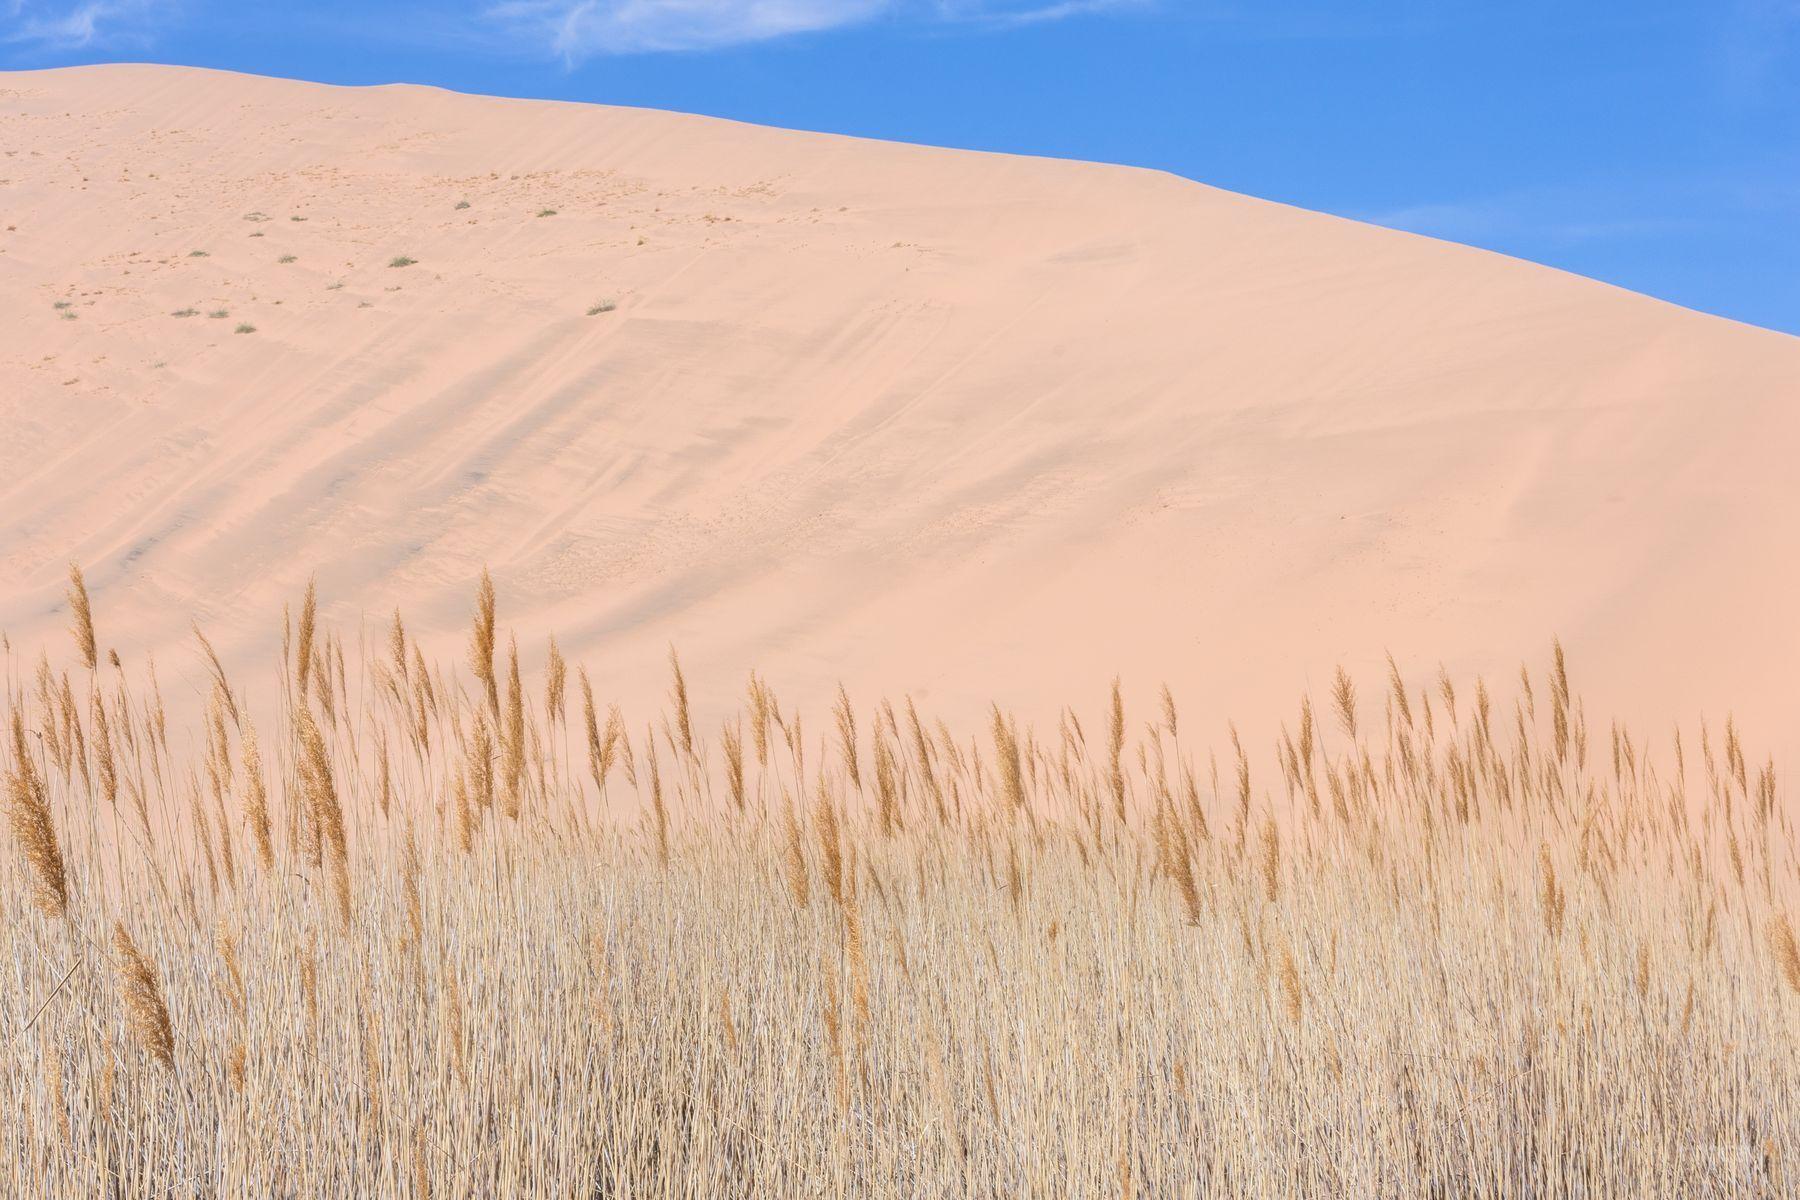 1_MichelAycaguer-Chine-Desert-BadainJaran-Dunes-Chameaux-MongolieInterieure-1